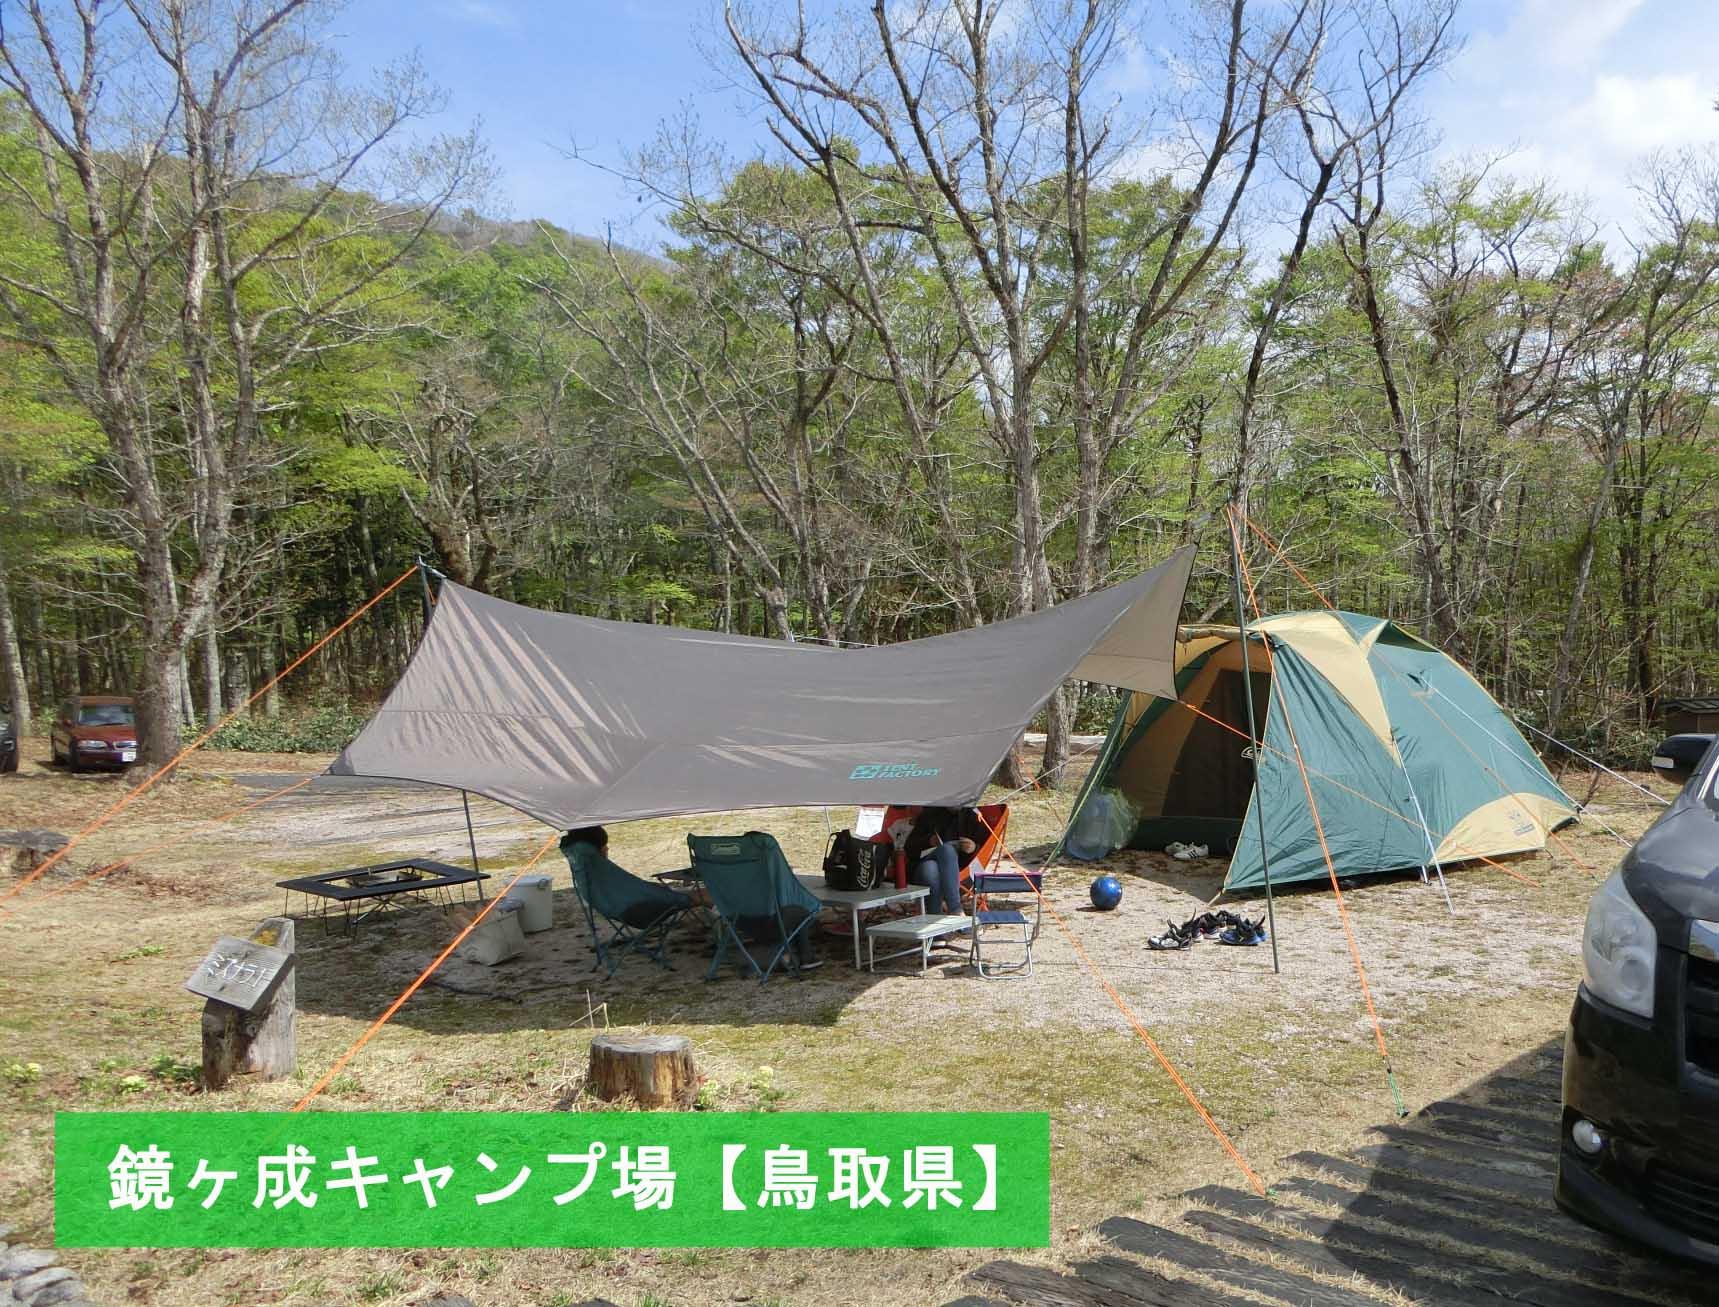 休暇村奥大山鏡ヶ成キャンプ場-2017GW (後編)